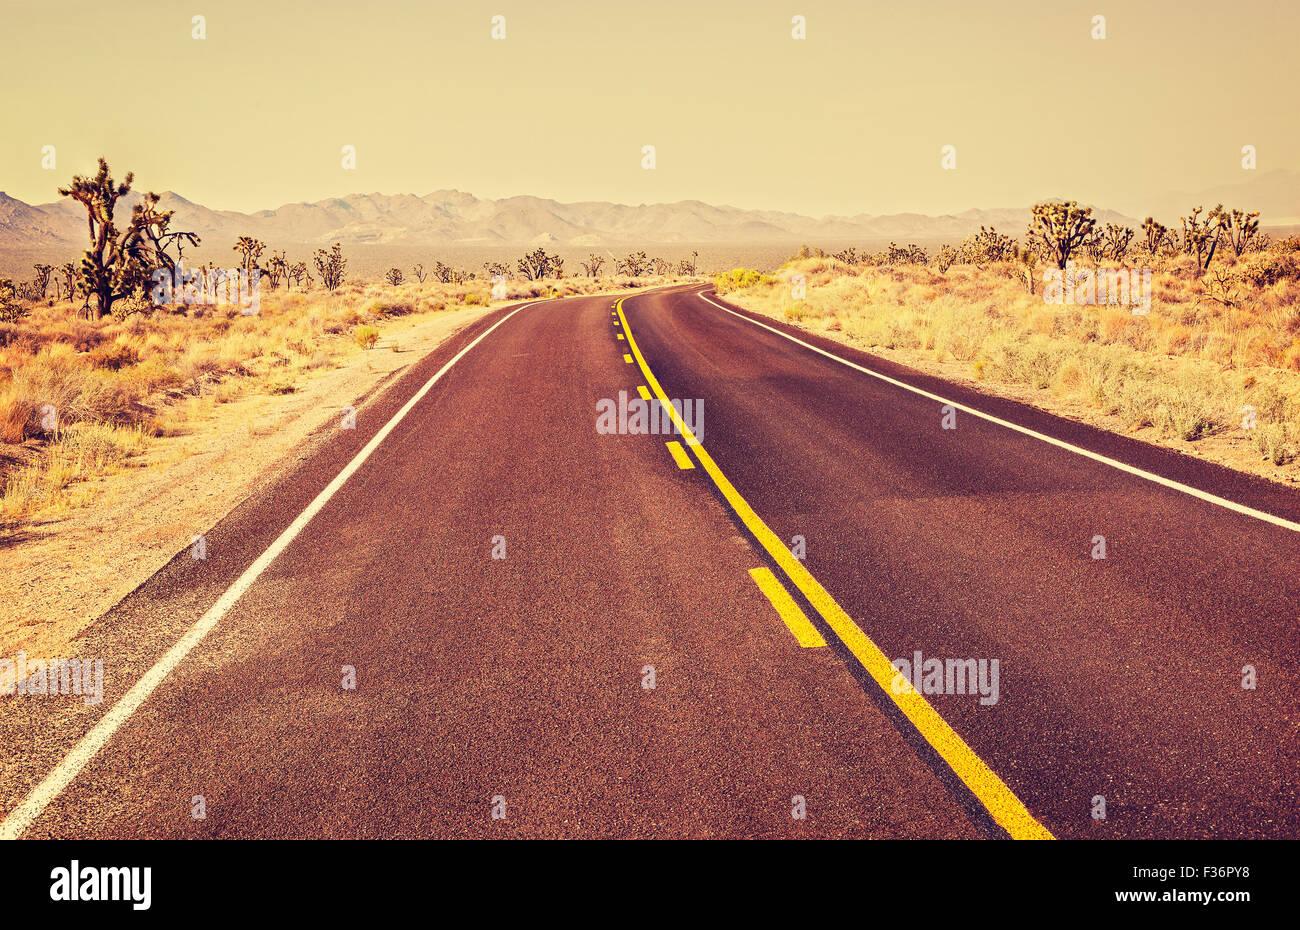 Retro-alte Film Stil endlose Landstraße, Abenteuer Reisekonzept, Joshua Tree National Park, USA. Stockbild